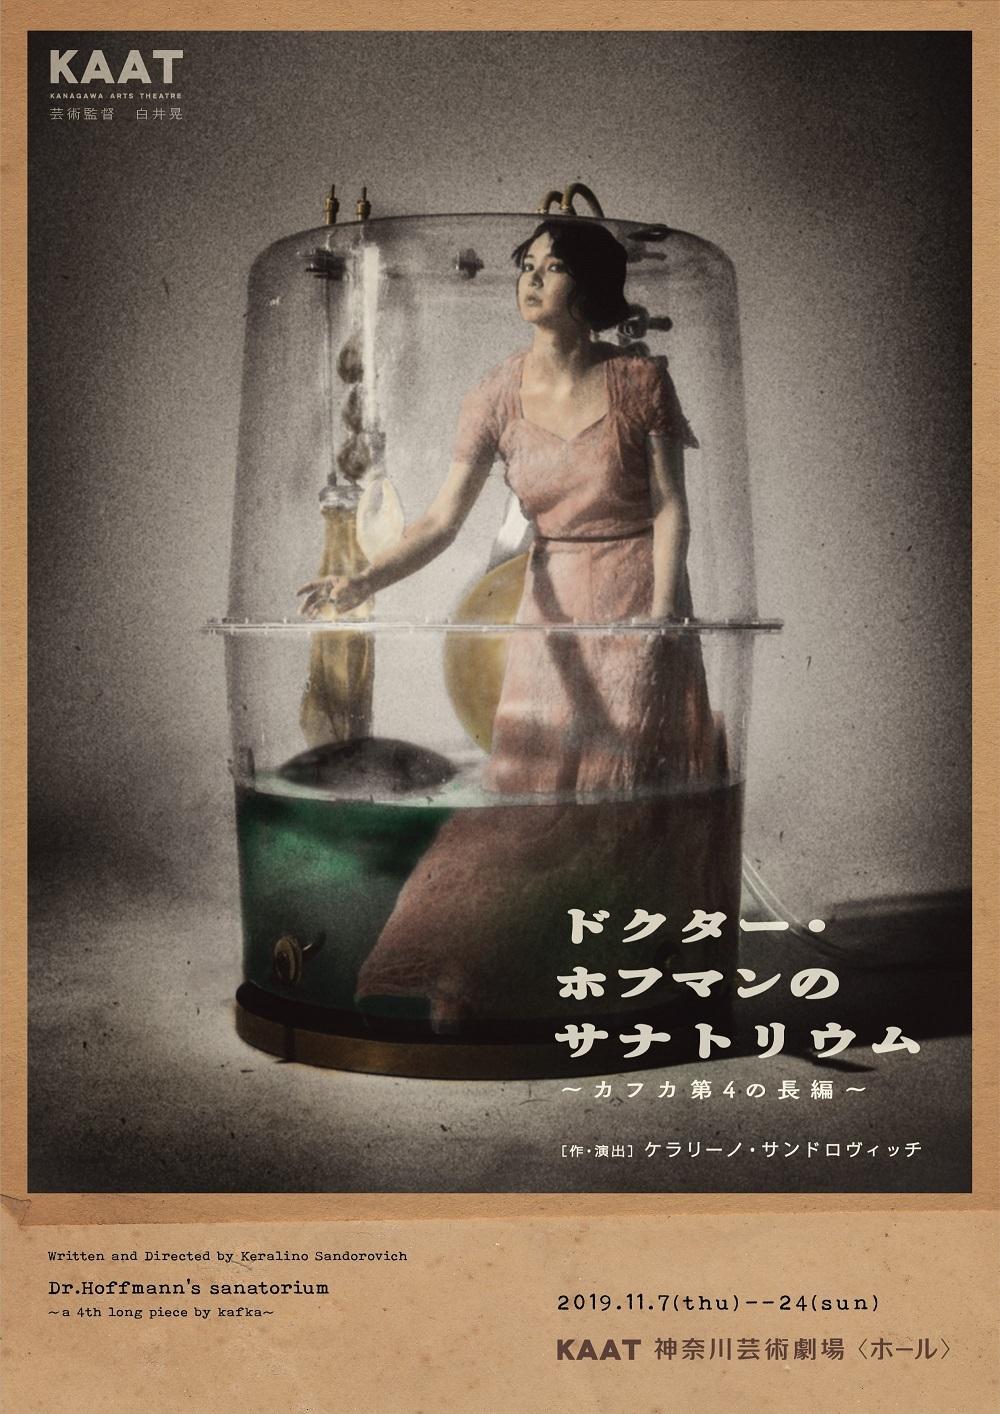 『ドクター・ホフマンのサナトリウム~カフカ第4の長編~』チラシ